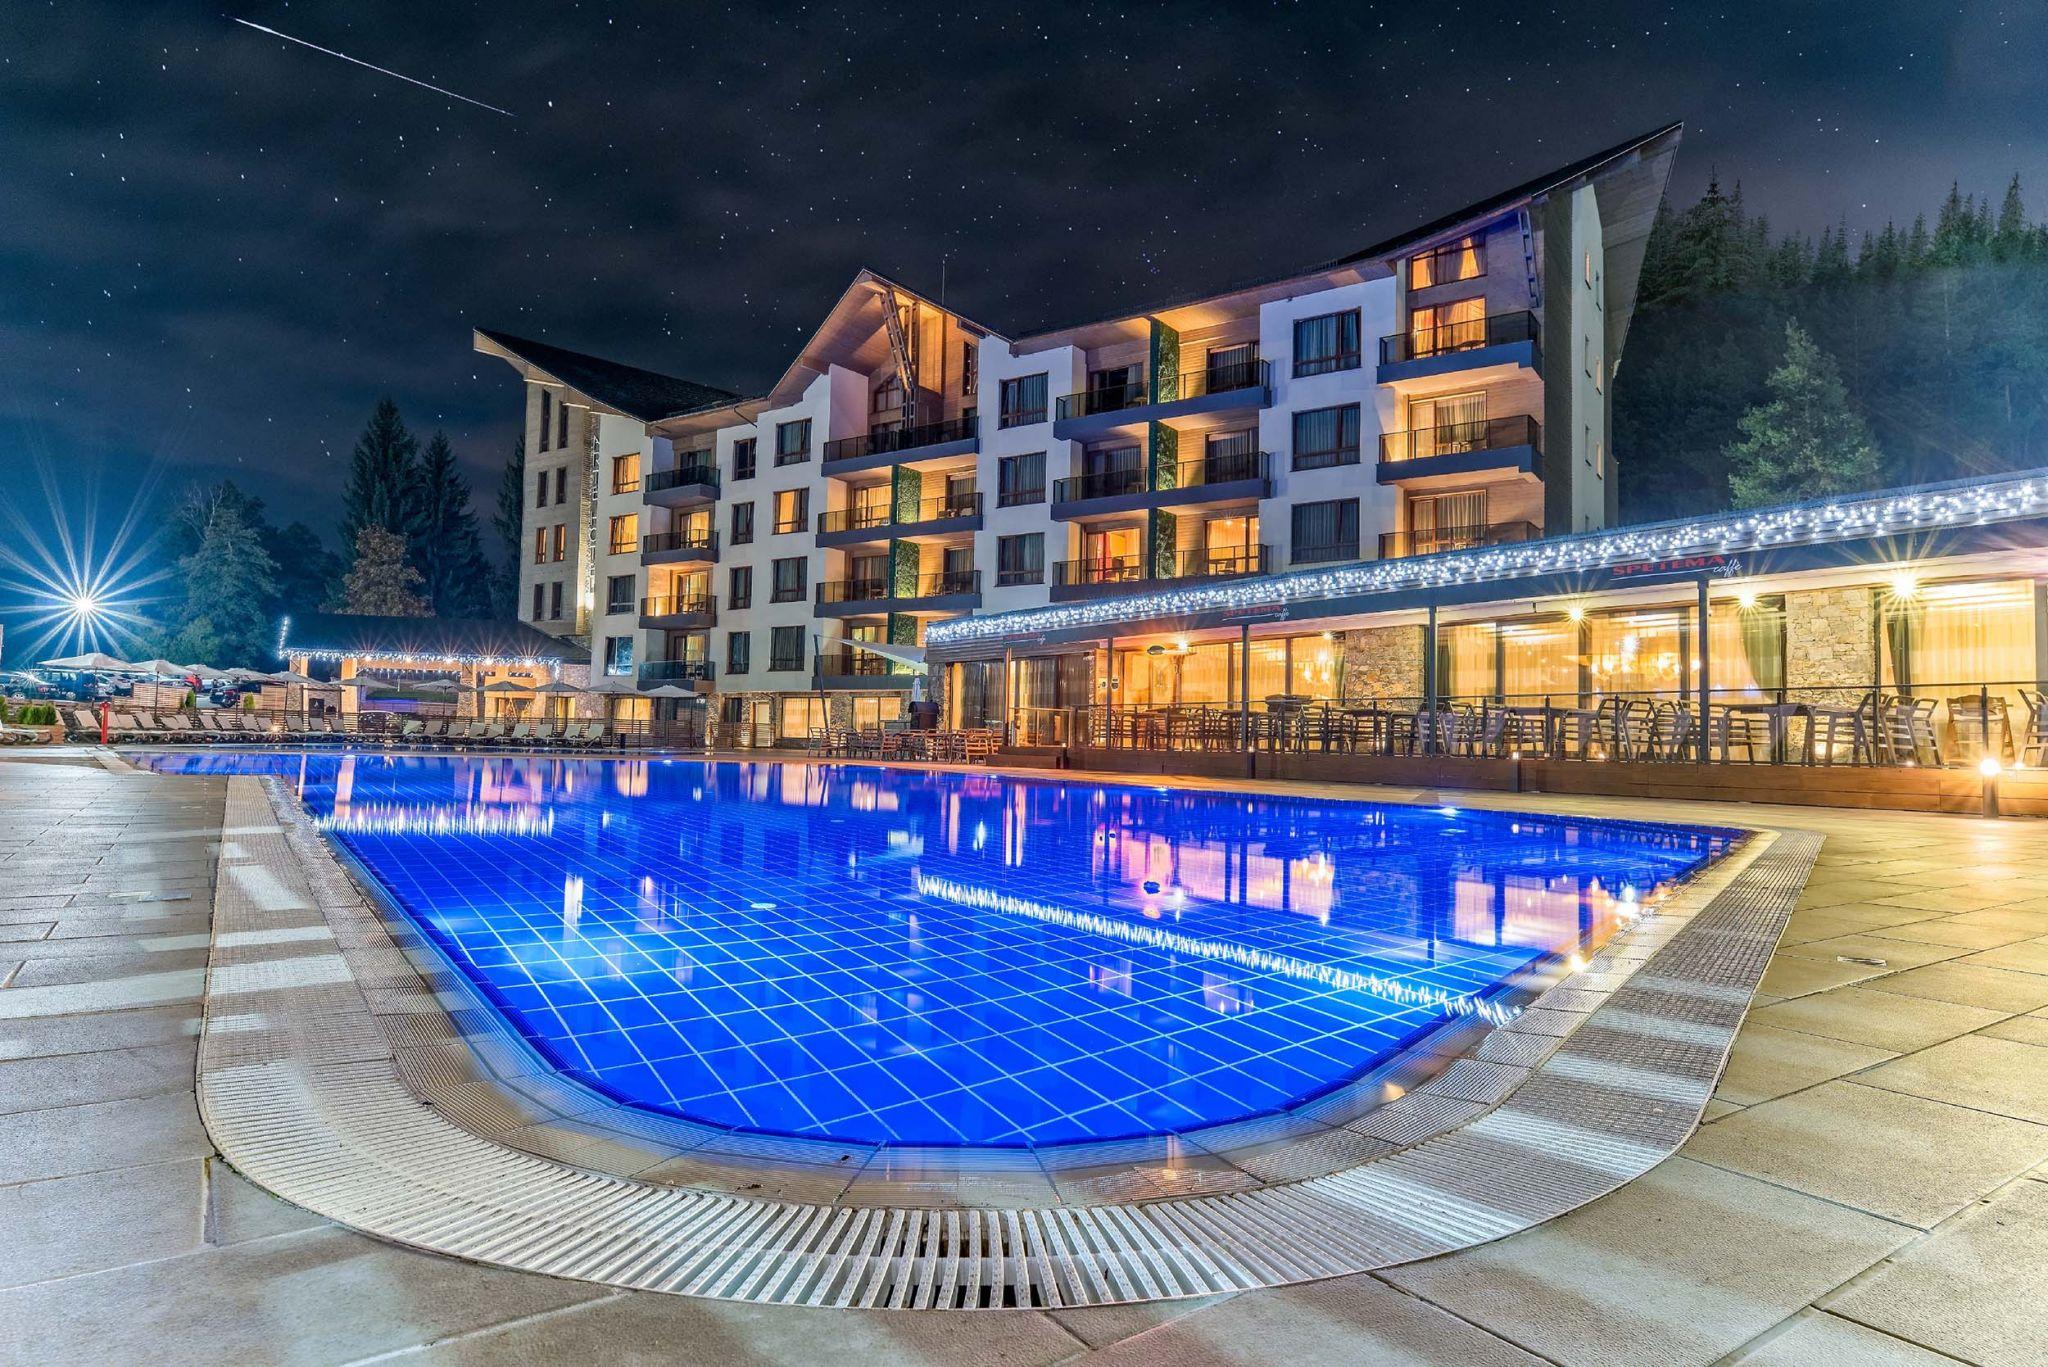 Снимки от Делнични СПА дни в Арте Парк Хотел, Велинград